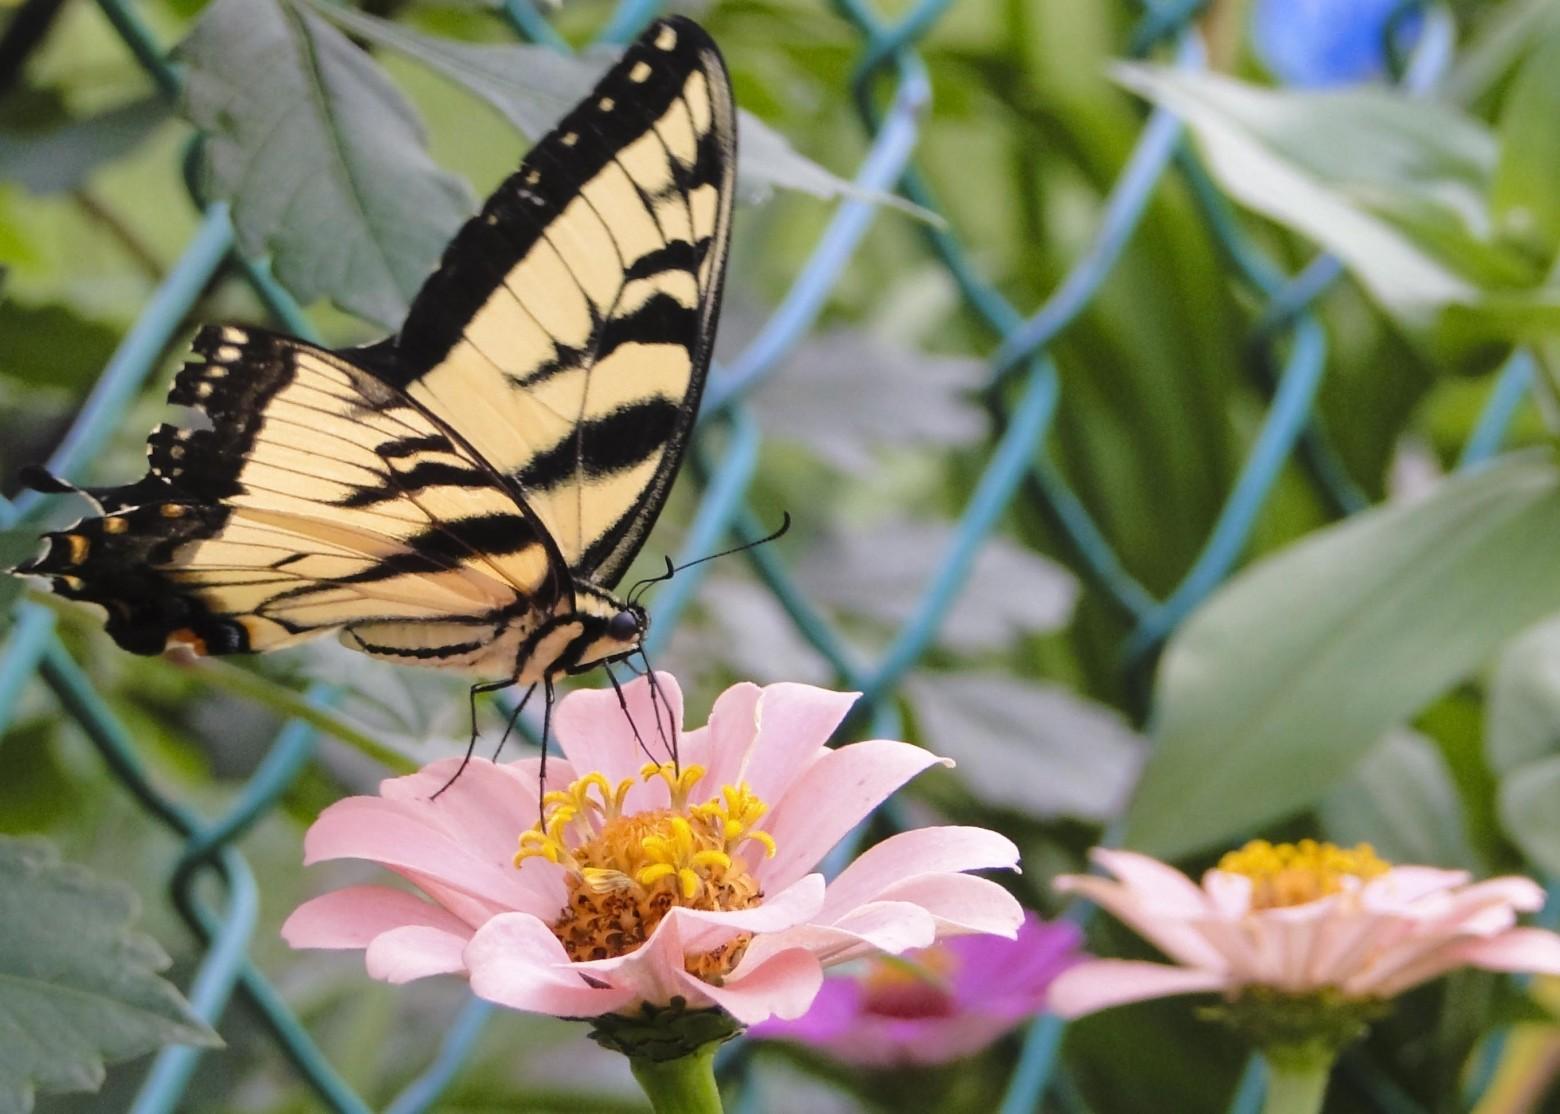 papillon sur une fleur photo gratuite images gratuites et libres de droits. Black Bedroom Furniture Sets. Home Design Ideas